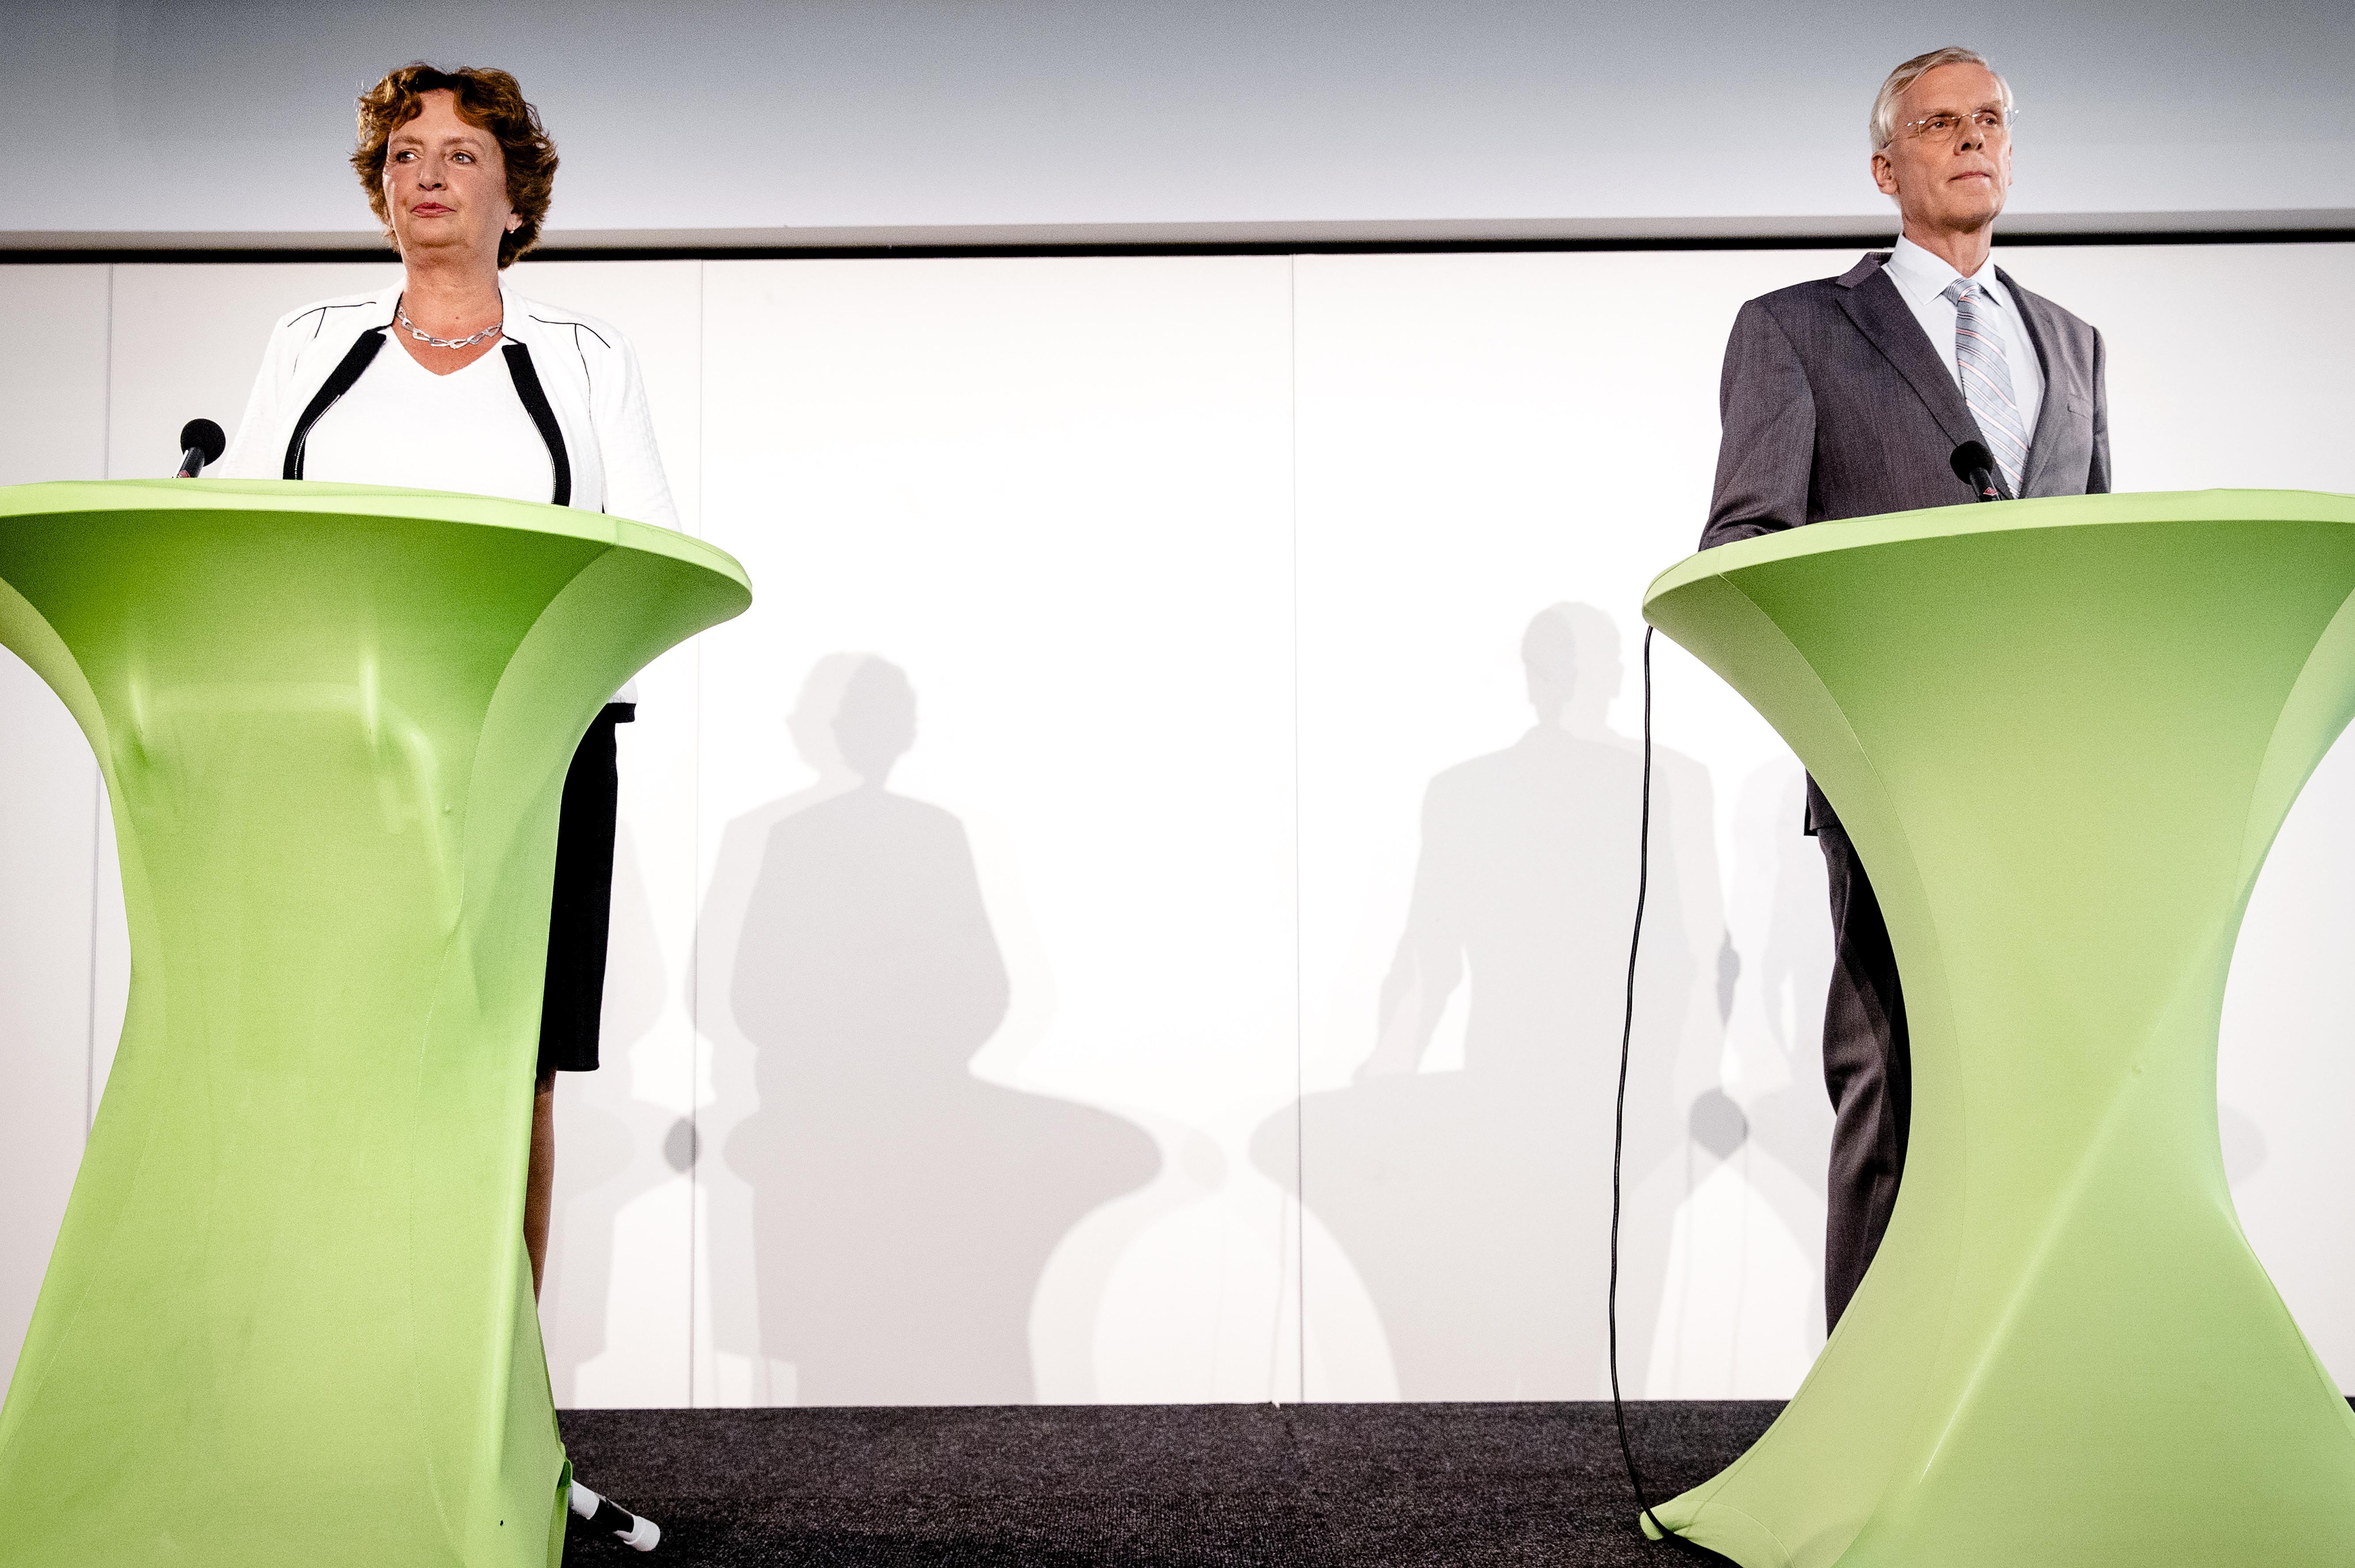 Landelijk bestuur CDA stapt op naar aanleiding van 'hard' rapport onder leiding van Alphense burgemeester Liesbeth Spies